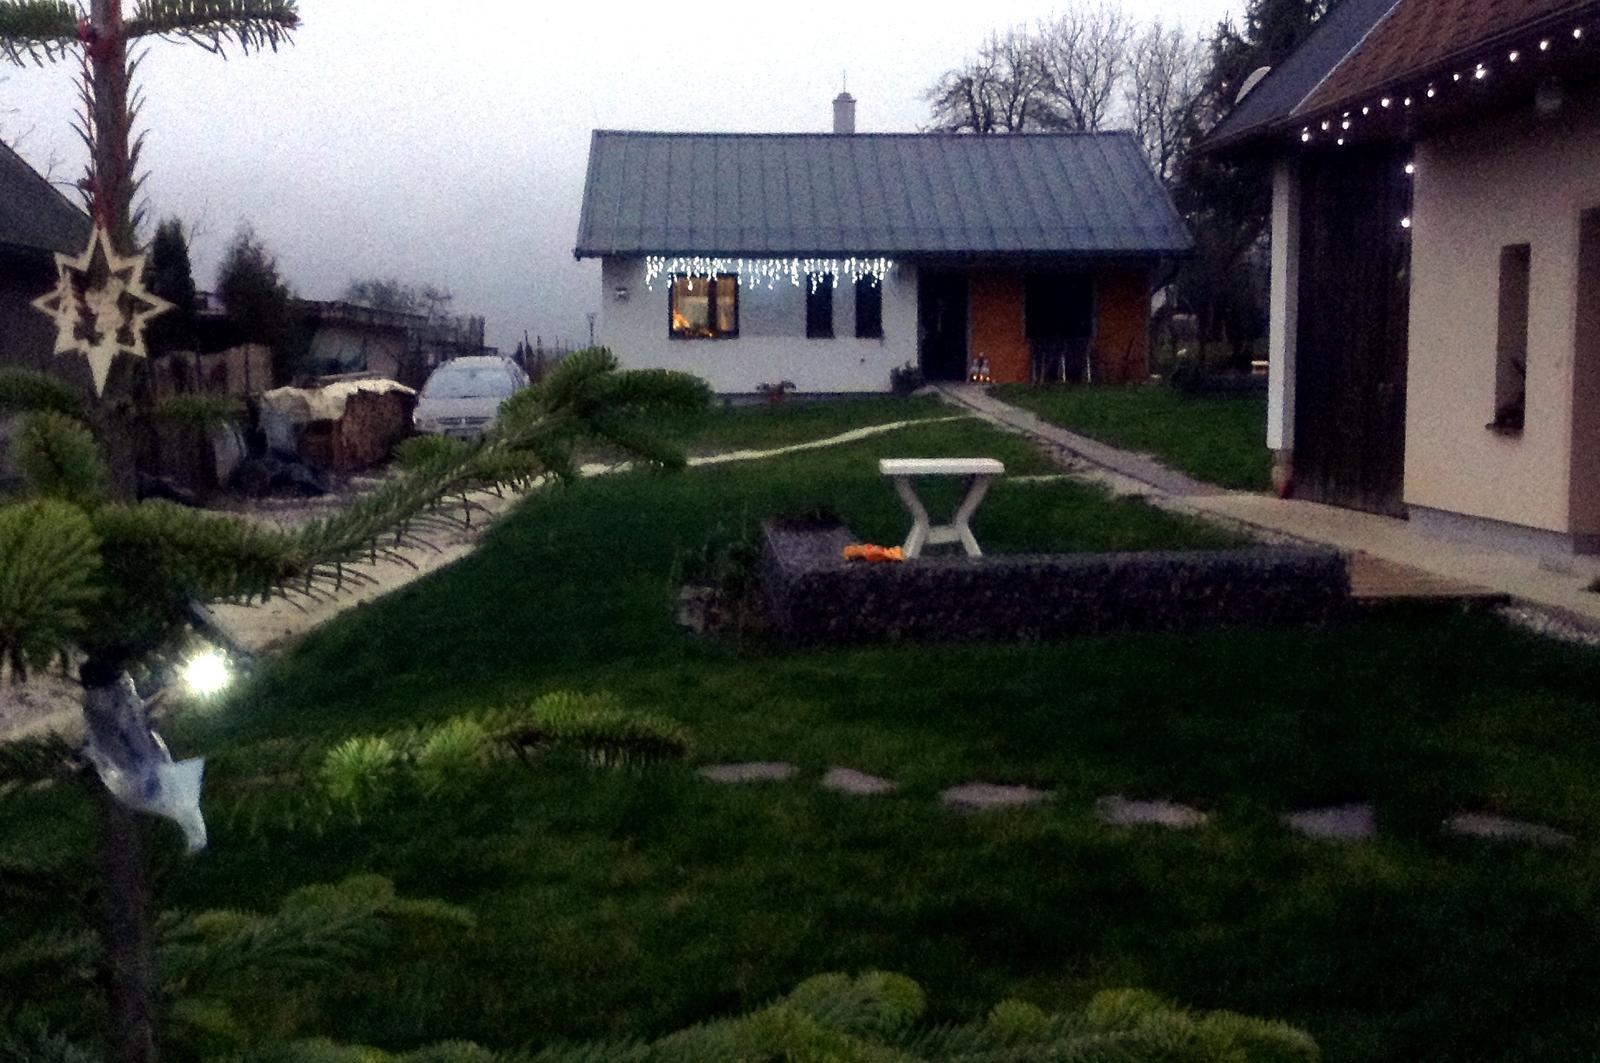 Rekonštrukcia domčeka z roku 1937 - December 2015. Zvianocieva sa. V pozadí novostavba nízkoenergetického bungalovu, skolaudovaná 7.7.2015. Tam od júla (2015) bývame. V starom domčeku ubytovávame rodinných príslušníkov a návštevy